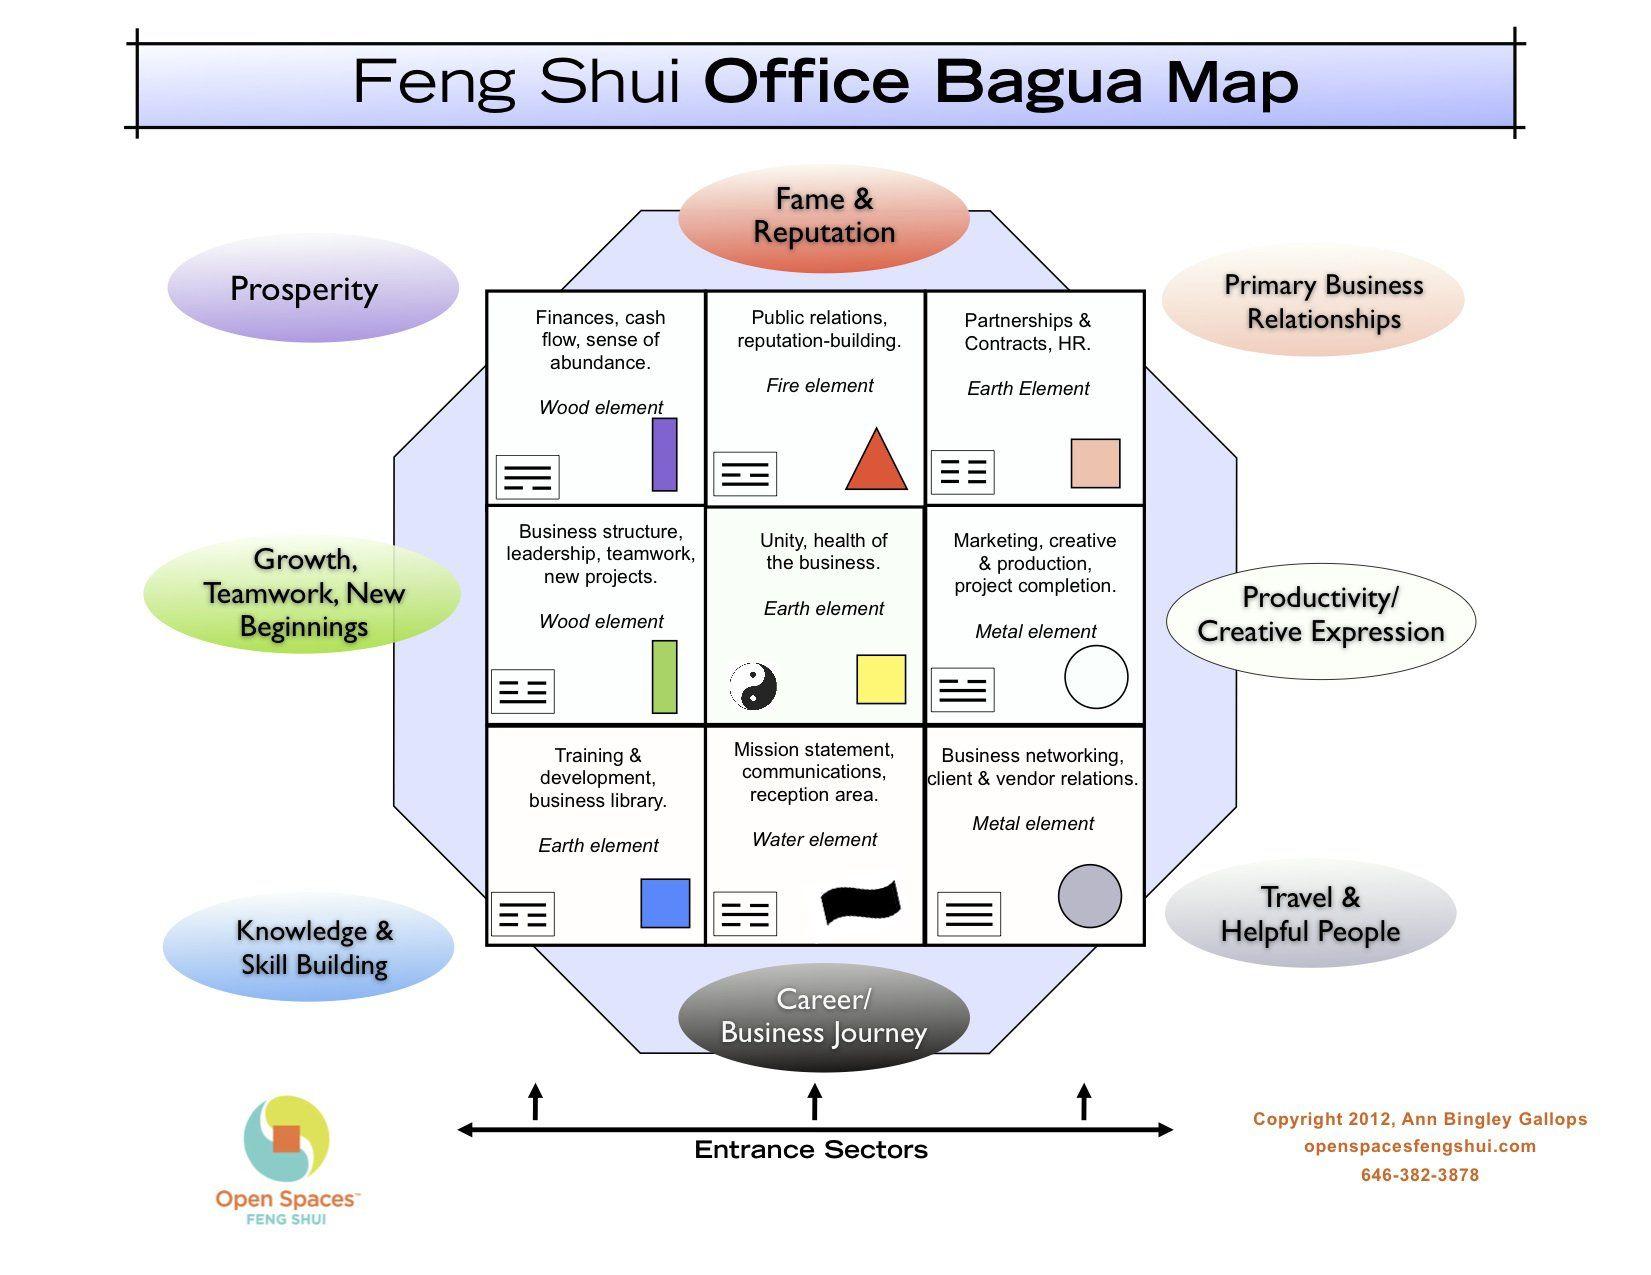 Feng shui yahoo image search results feng shui for Bureau feng shui